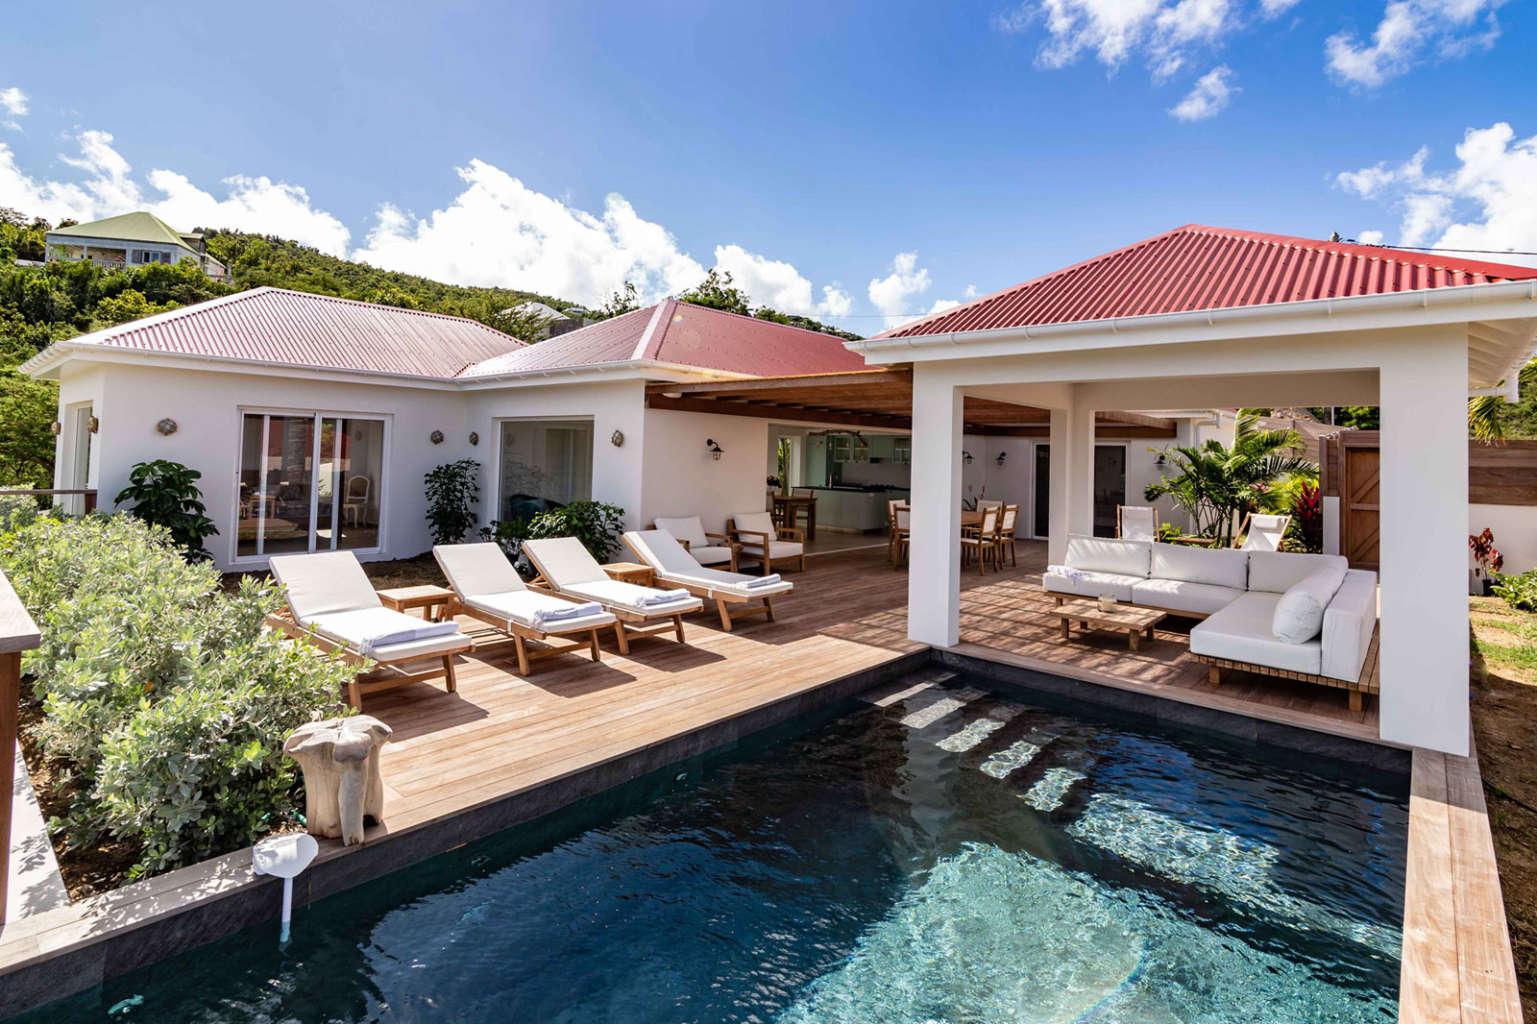 Villa Au Paille En Queue - 2 Bedroom Villa for Rent with Pool - Outside view